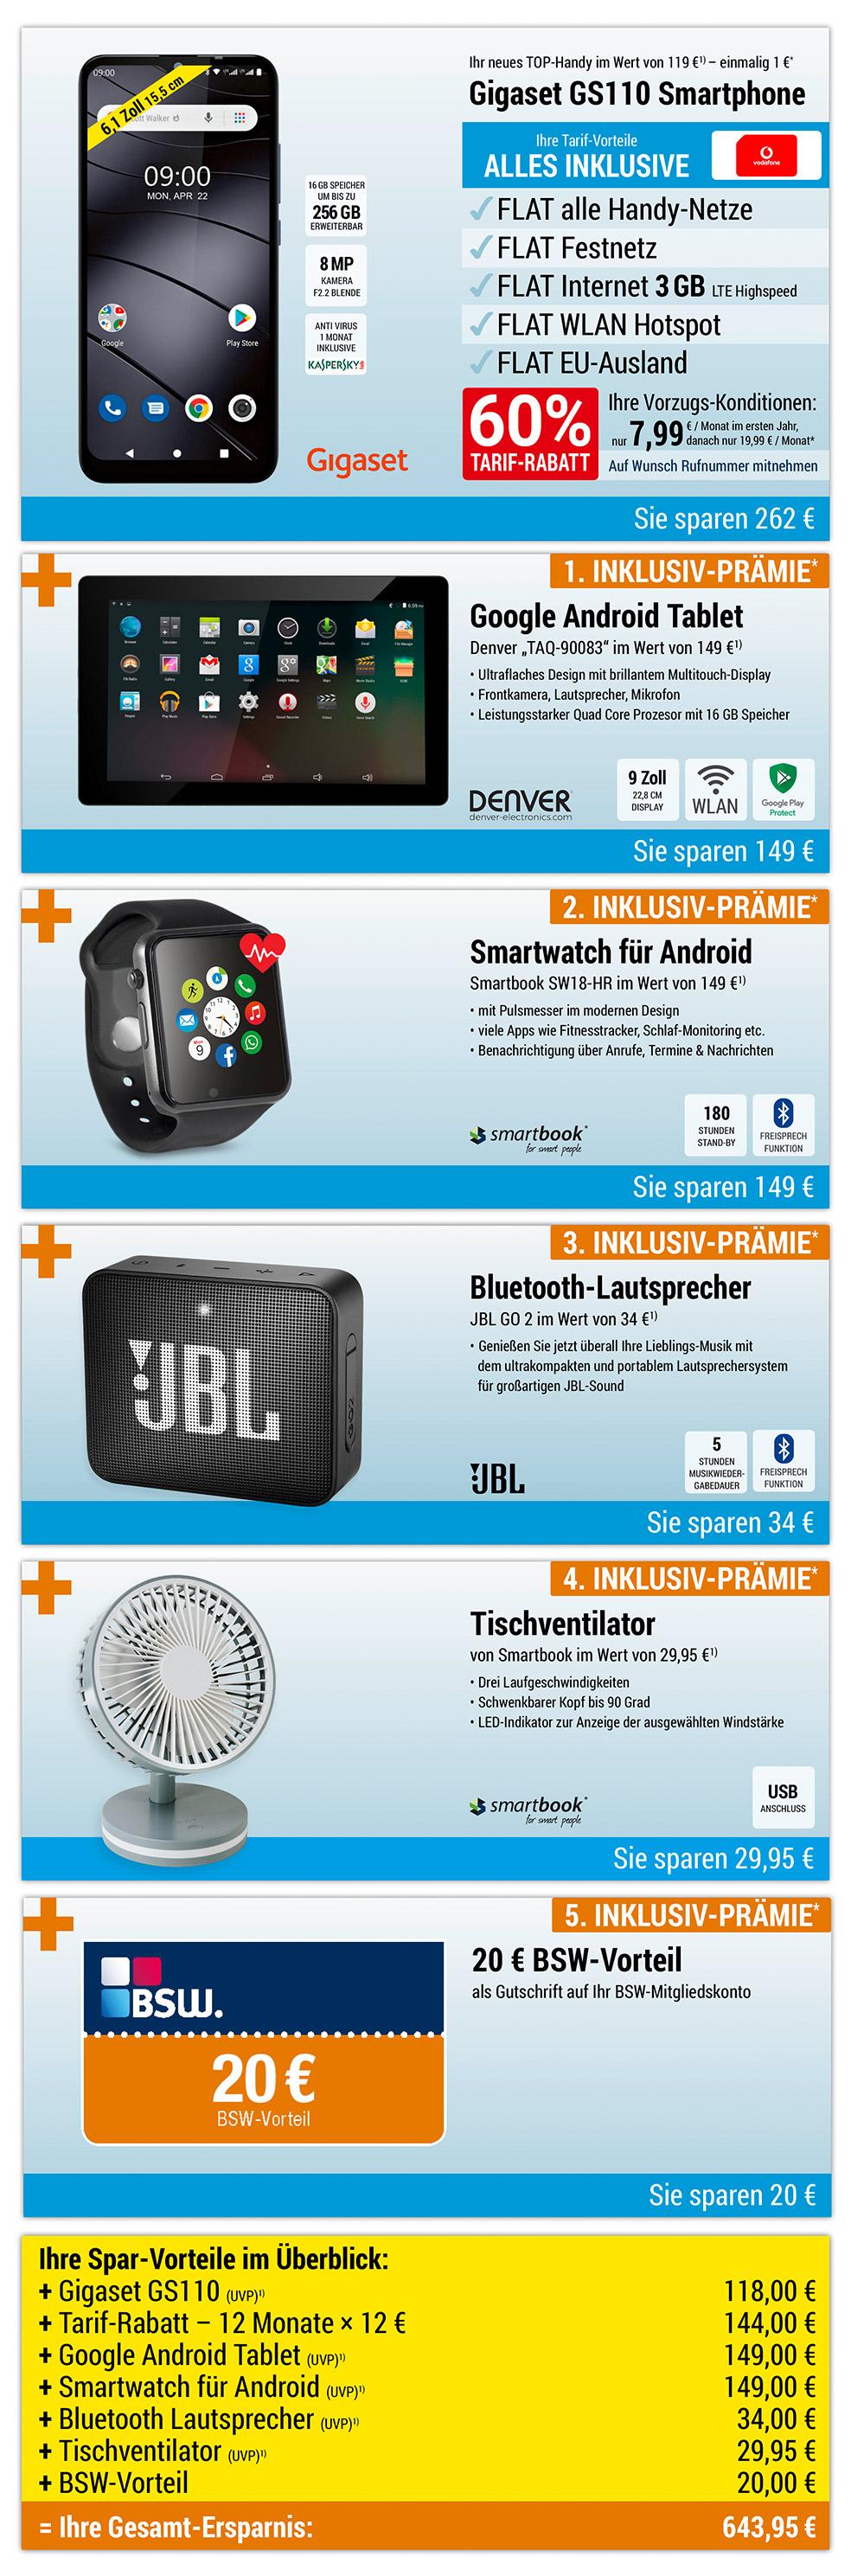 Tablet + Smartwatch + Lautsprecher + Tischventilator + 20 € BSW-Vorteil INKLUSIVE + Gigaset GS110